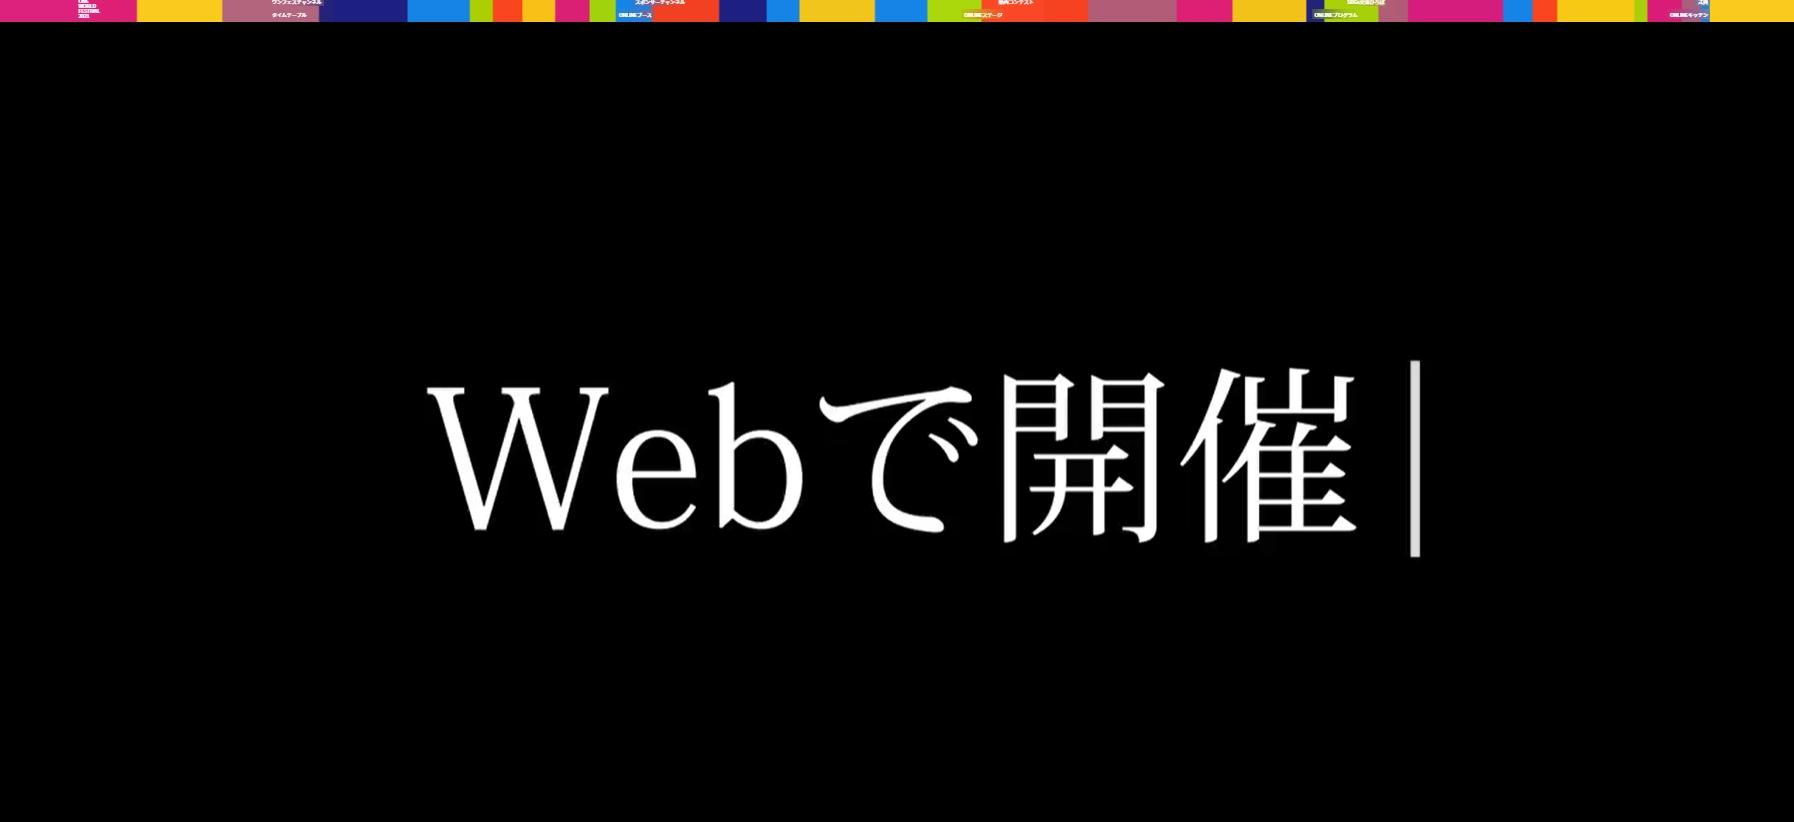 第29回ワン・ワールド・フェスティバル オンライン企画の概要